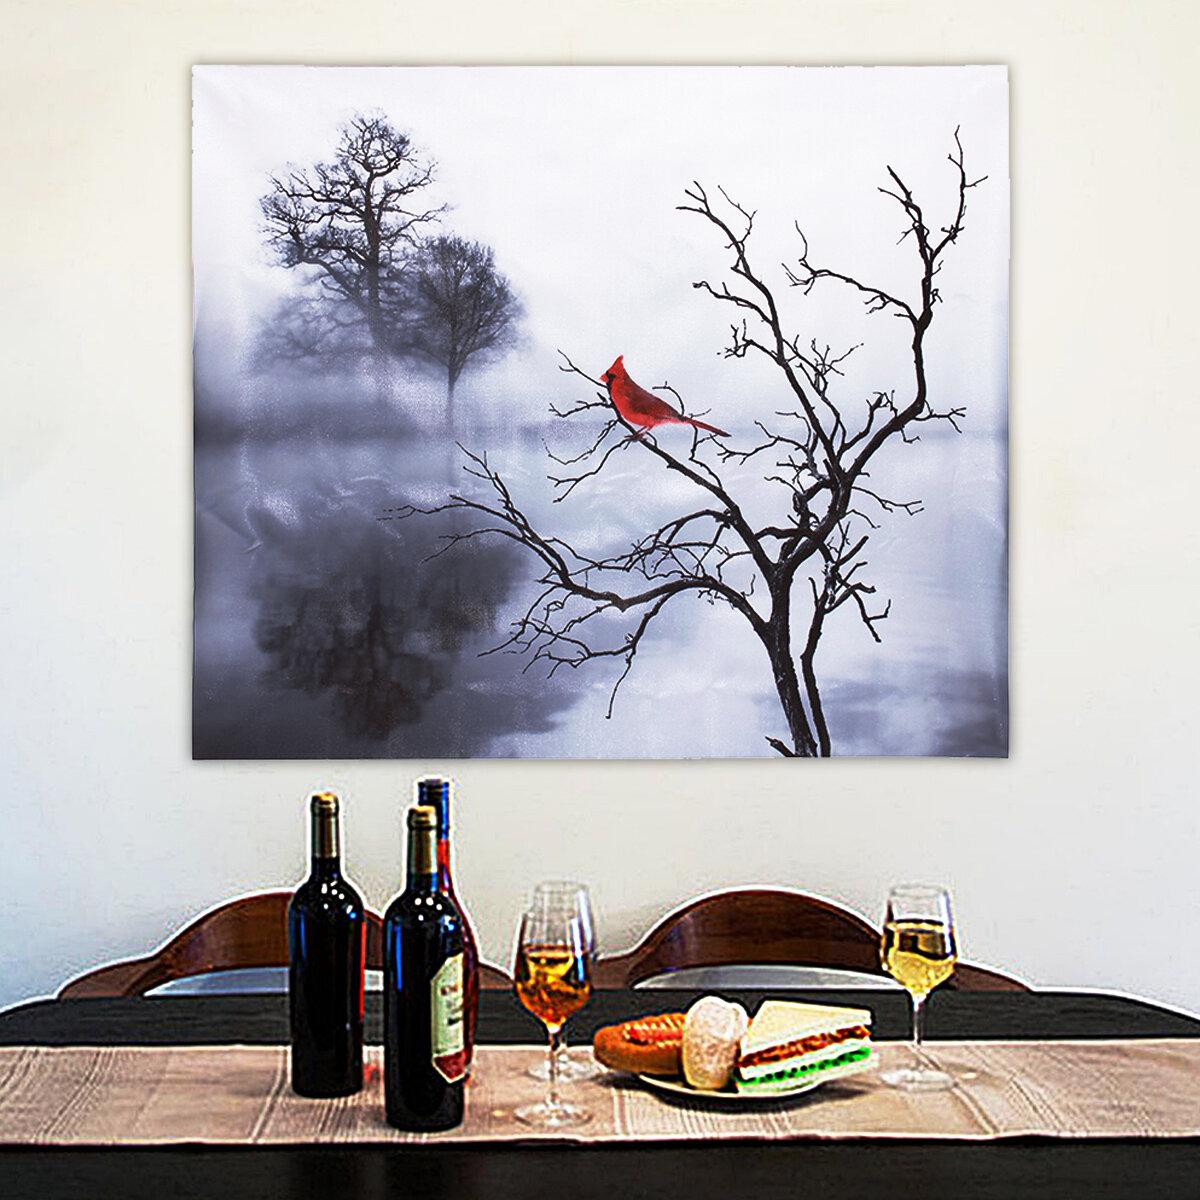 Lona Da Árvore Do Pássaro Vermelho moderno Óleo Pinturas Impressas Casa Decoração Da Arte Da Parede Decorações Sem Moldura